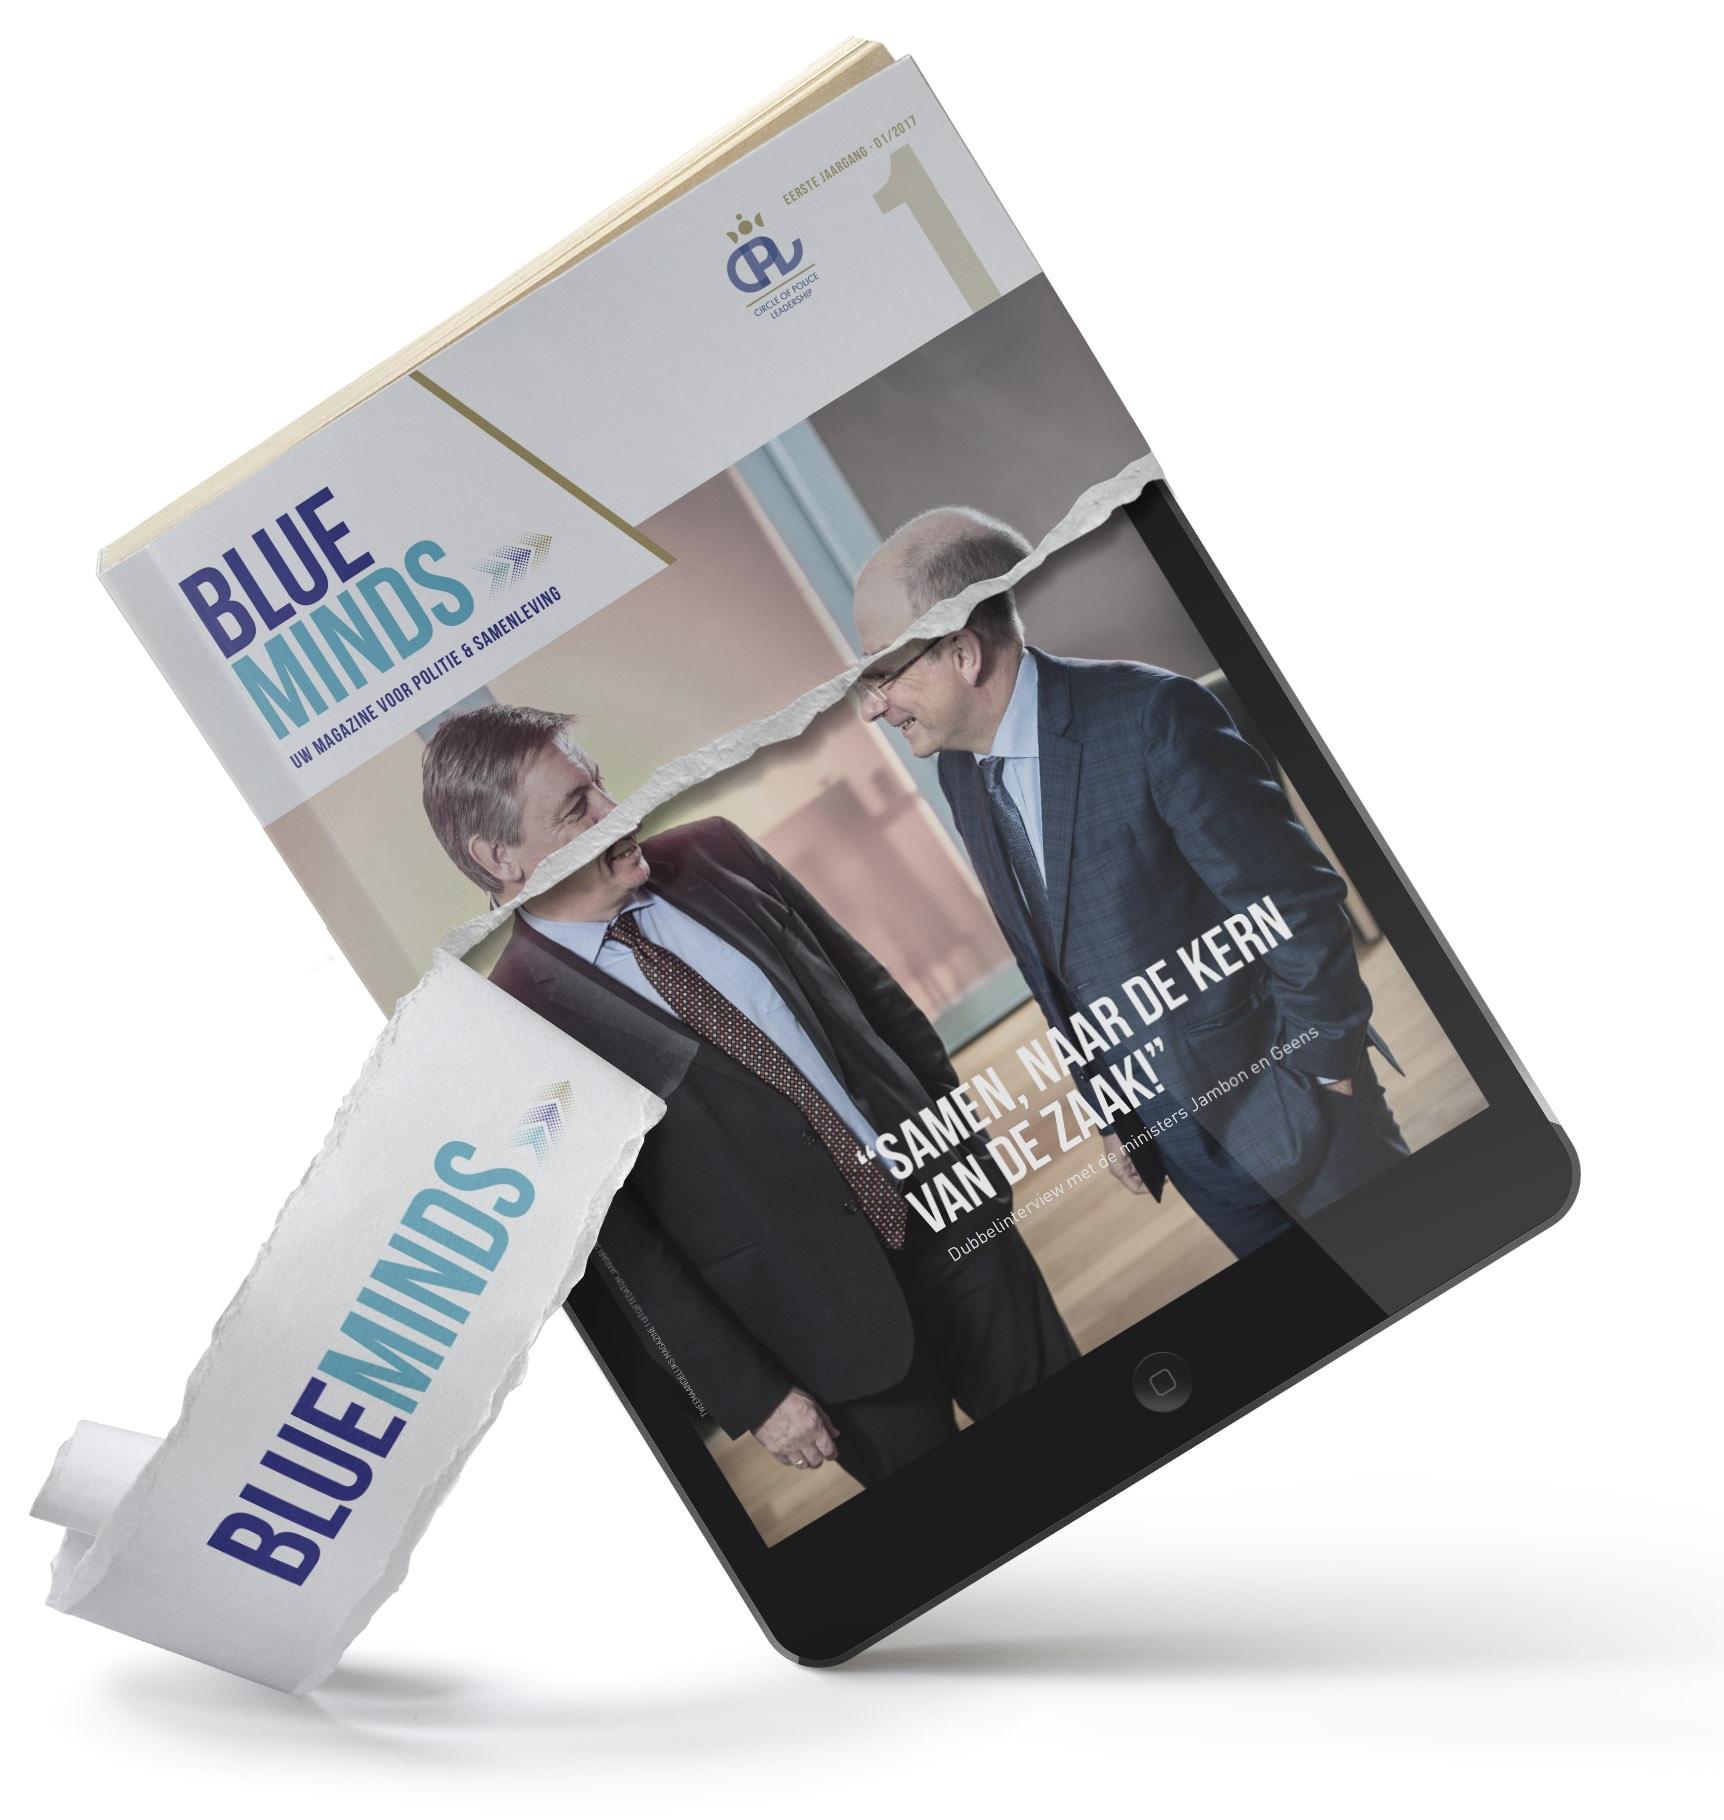 Blue Minds - uw tijdschrift voor politie & maatschappij